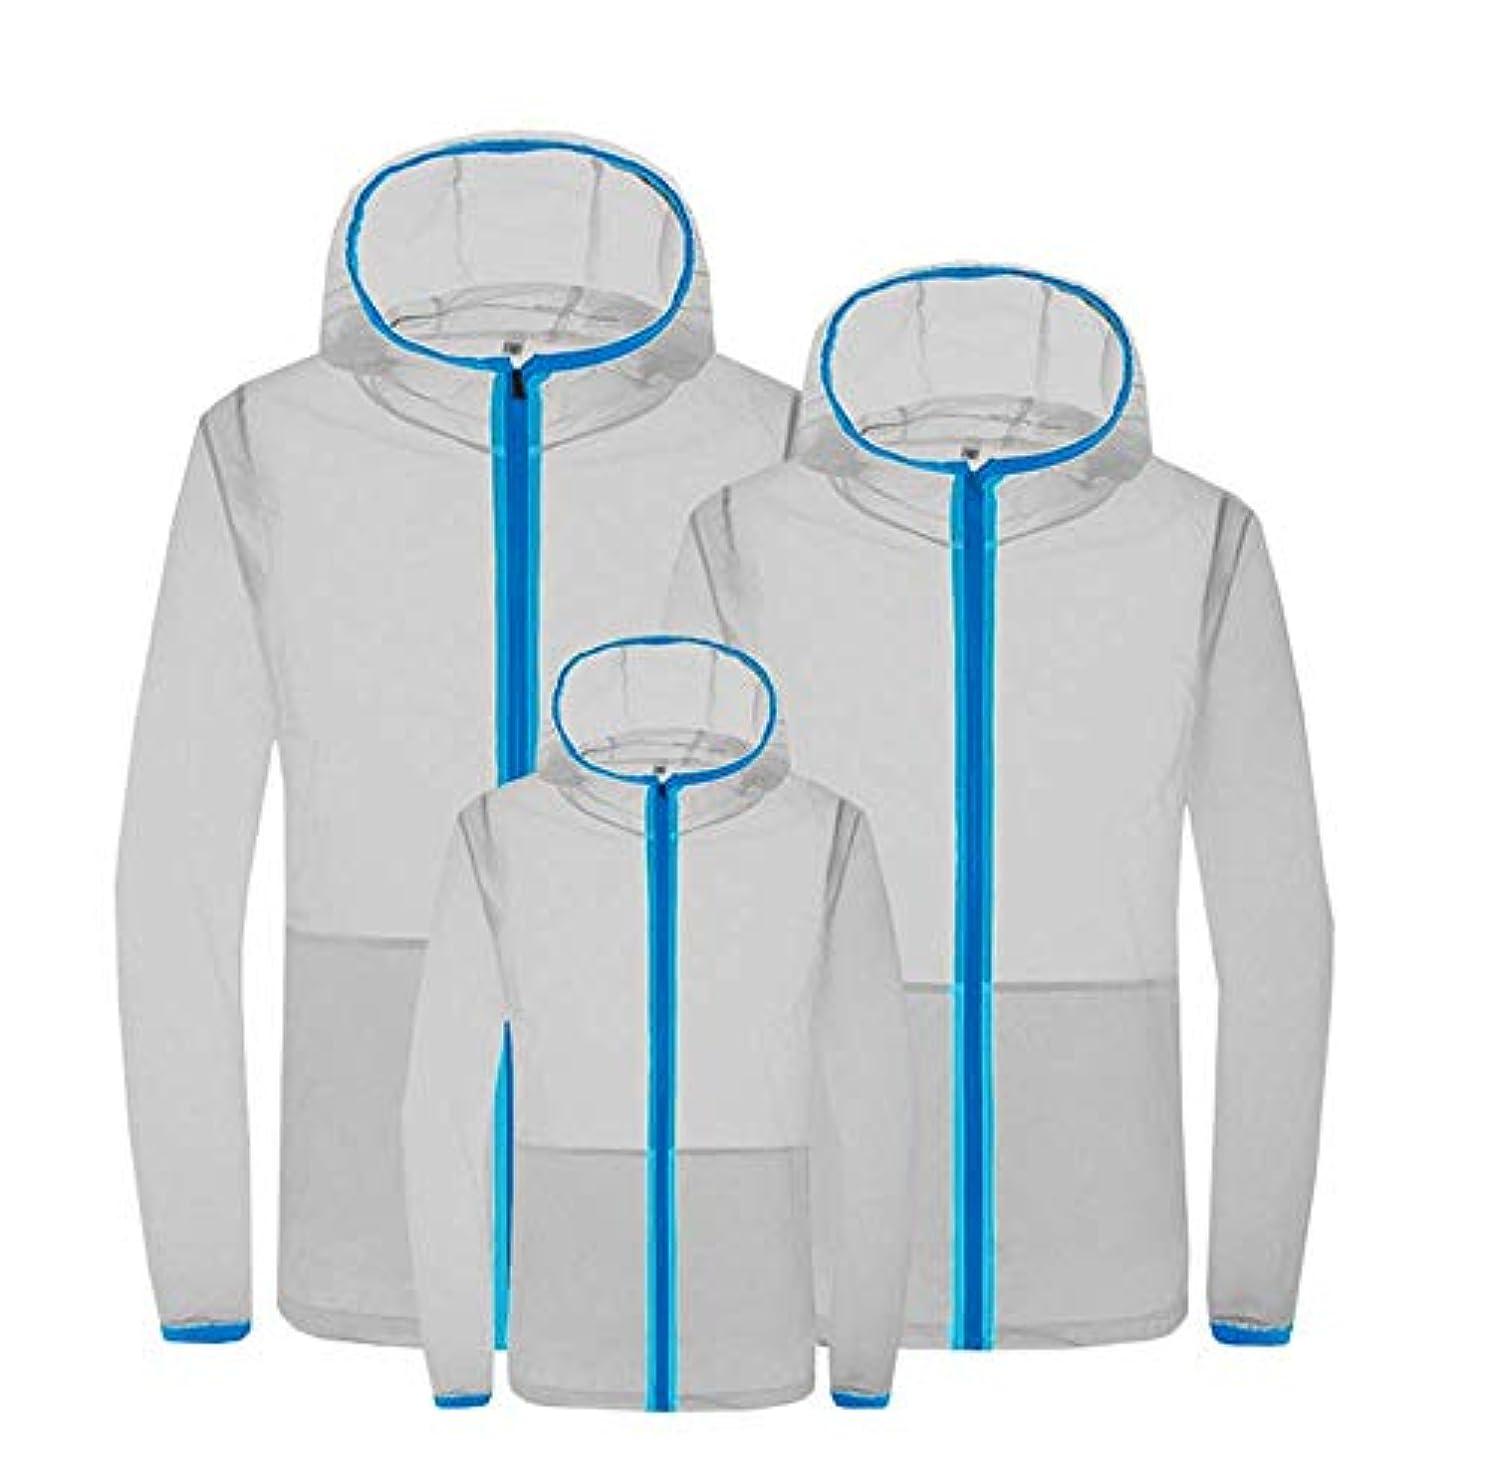 調整夕方有料夏のエアコンスーツスマート3速冷却スーツ日焼け防止服防滴防蚊服ファン冷却肌の服,Gray,S